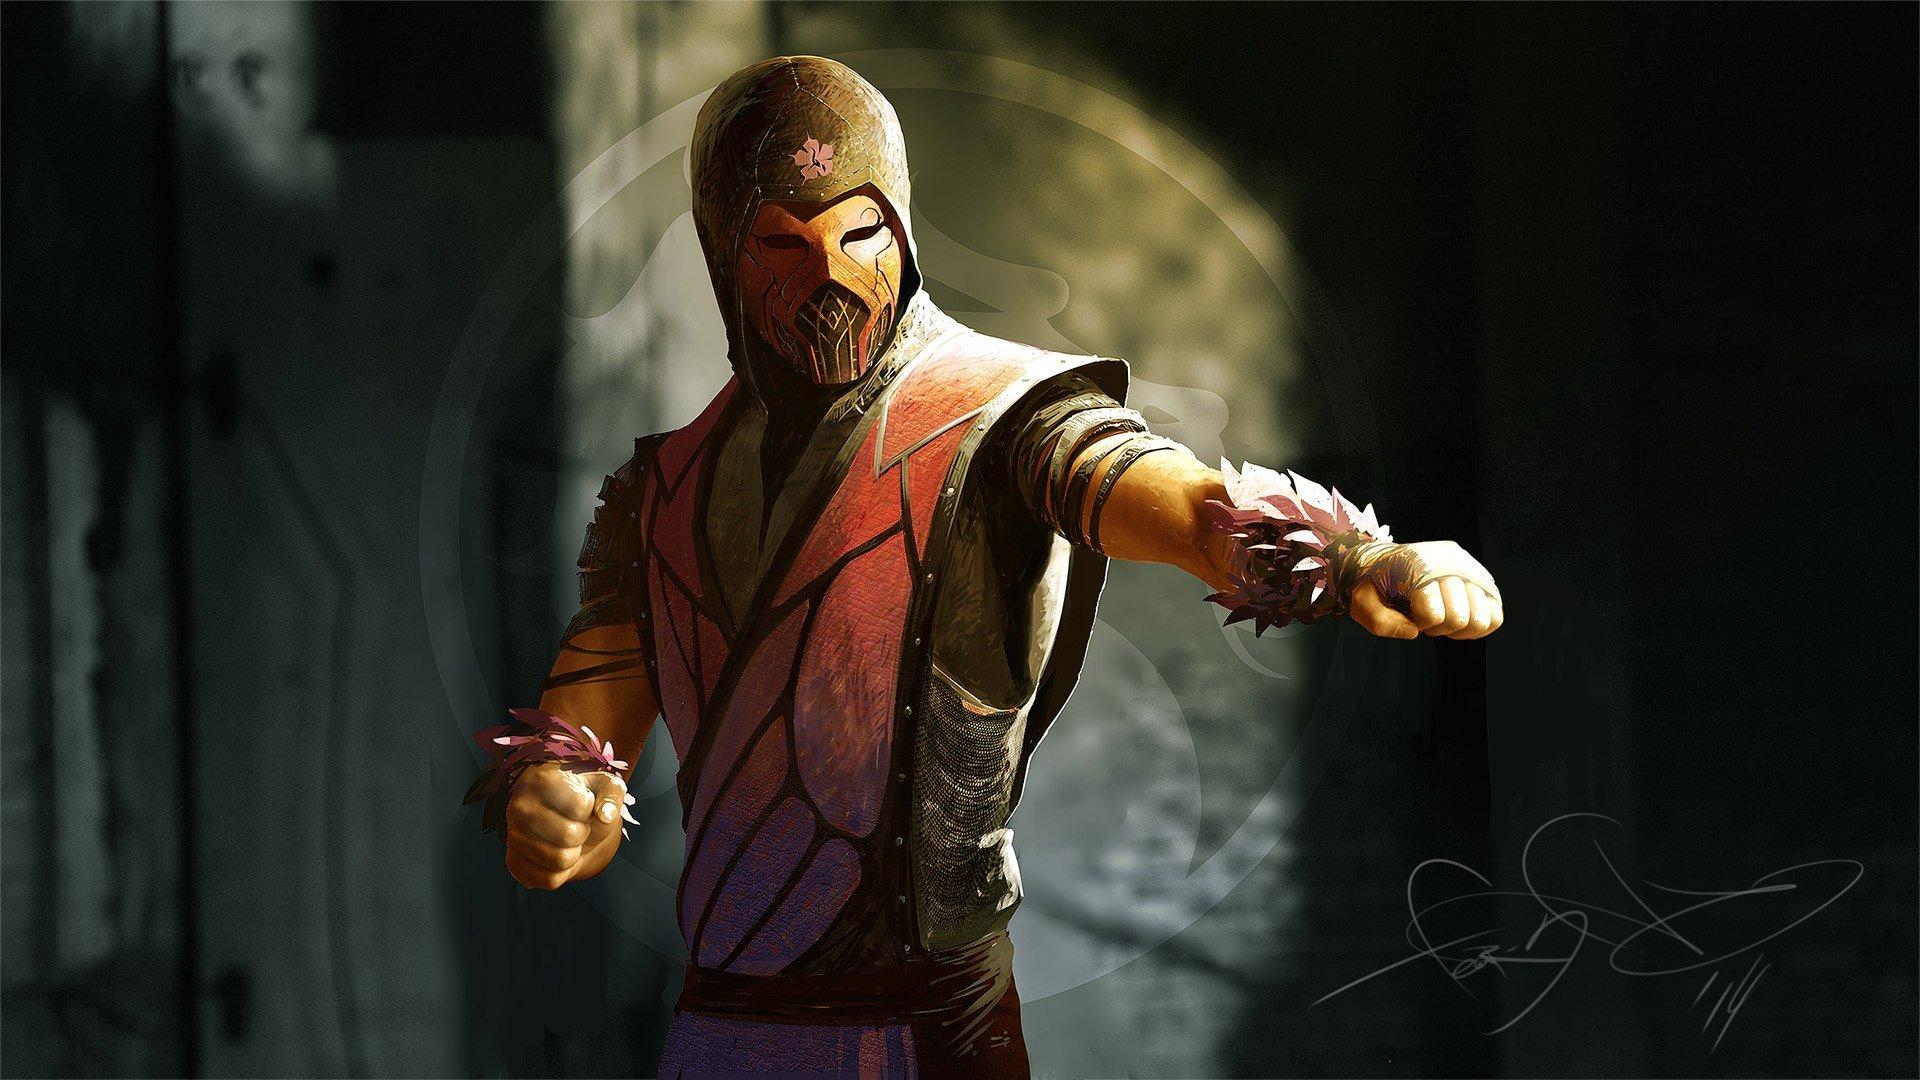 Art-Подборка Mortal Кombat - Изображение 8